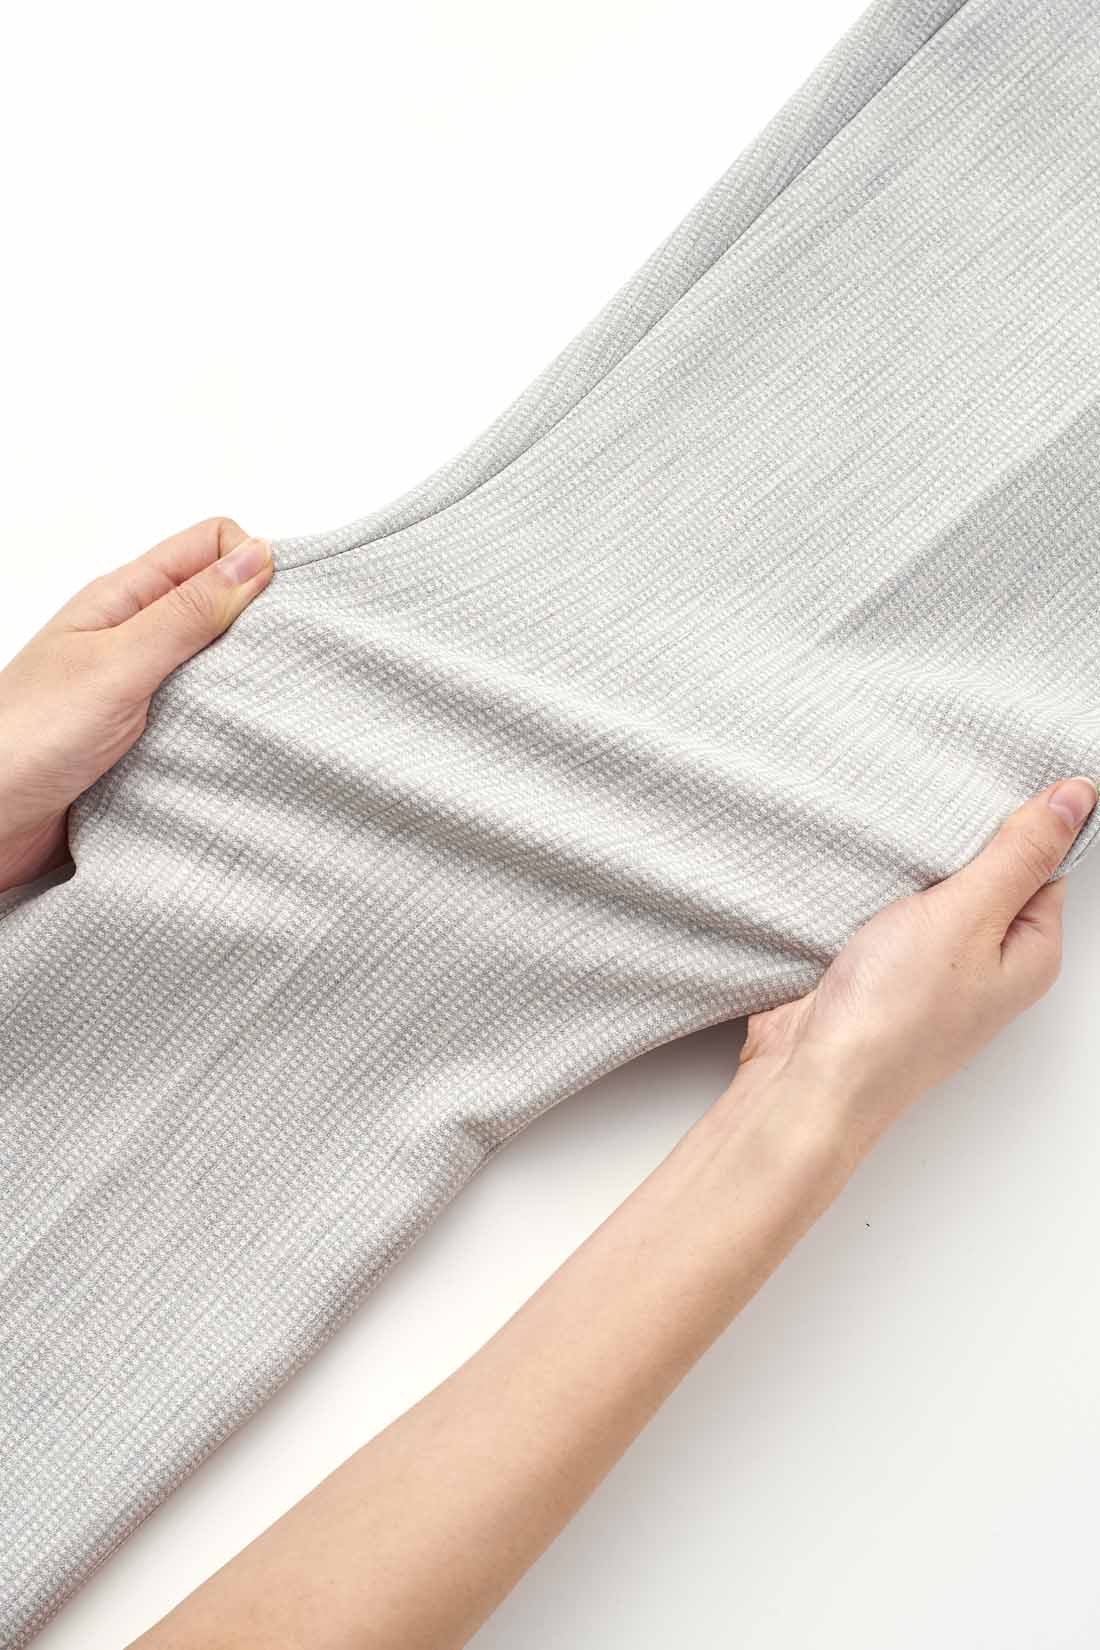 縦横にしっかり伸びる、ストレッチの効いた快適なはき心地。肉感をひろわない、ほどよい厚みもポイント。